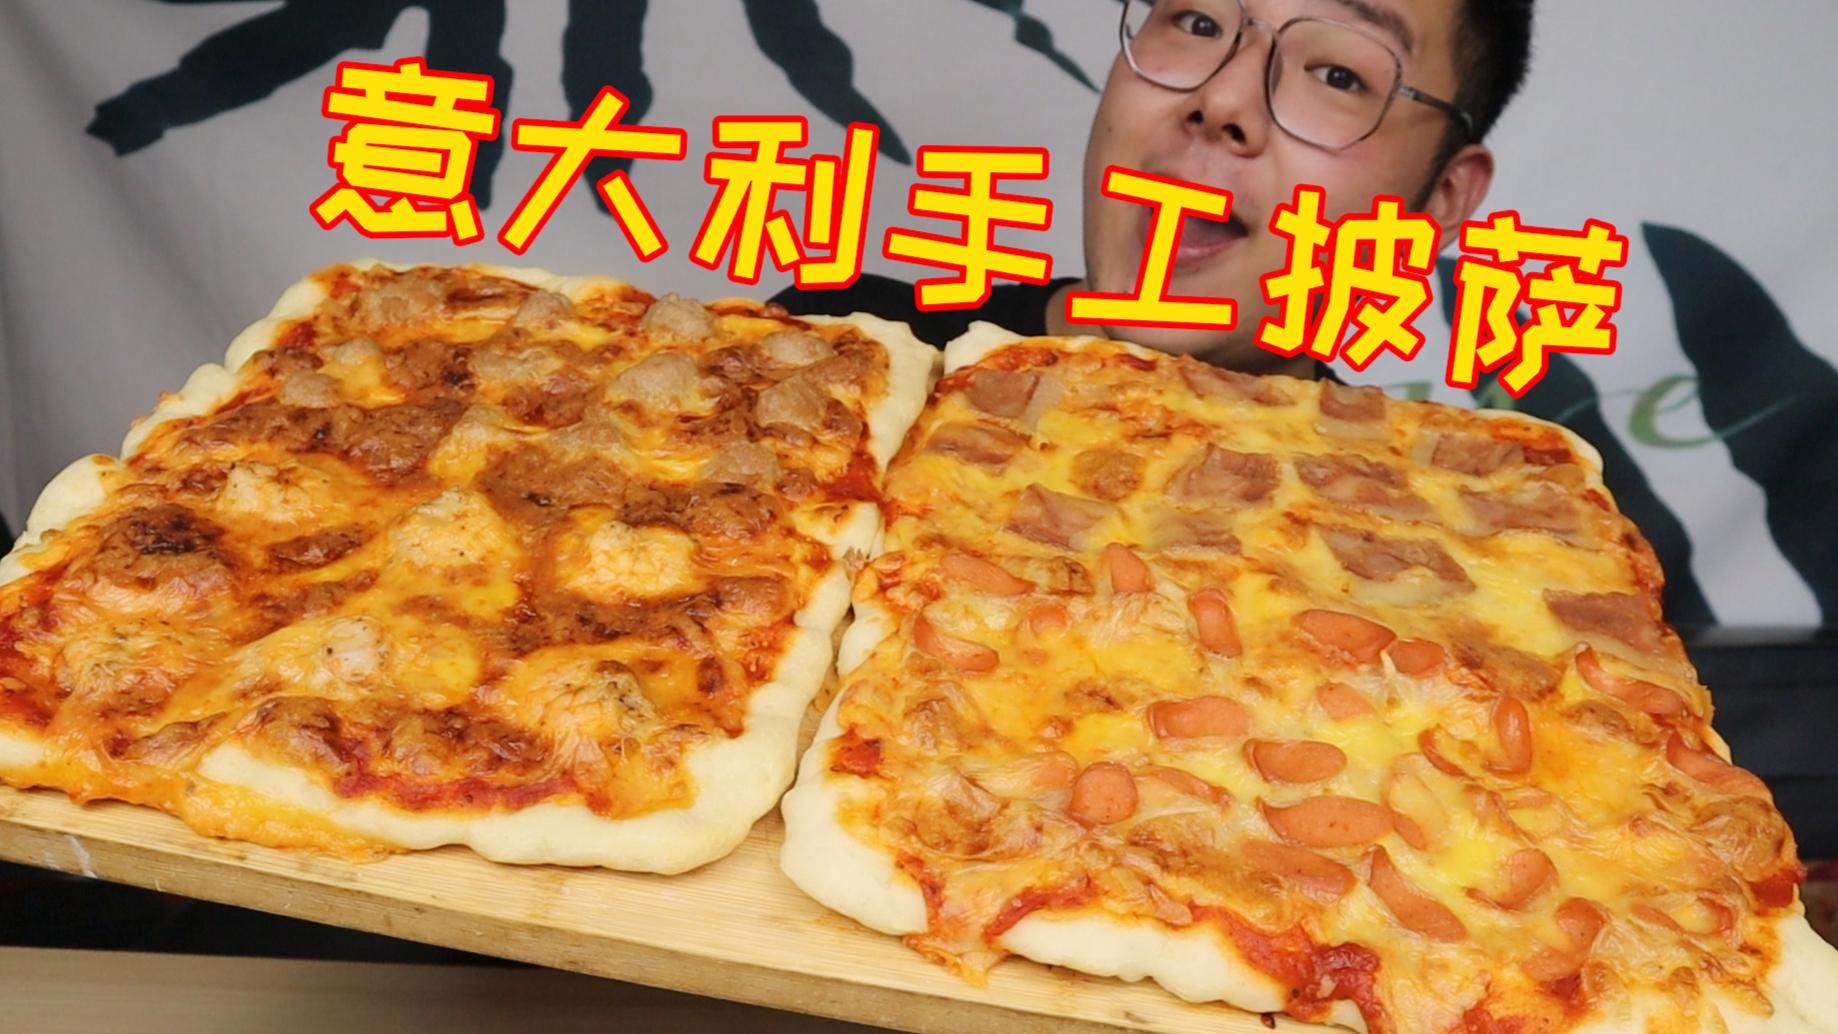 超多芝士,超大尺寸,自制意大利纯手工披萨,一次吃到过瘾!